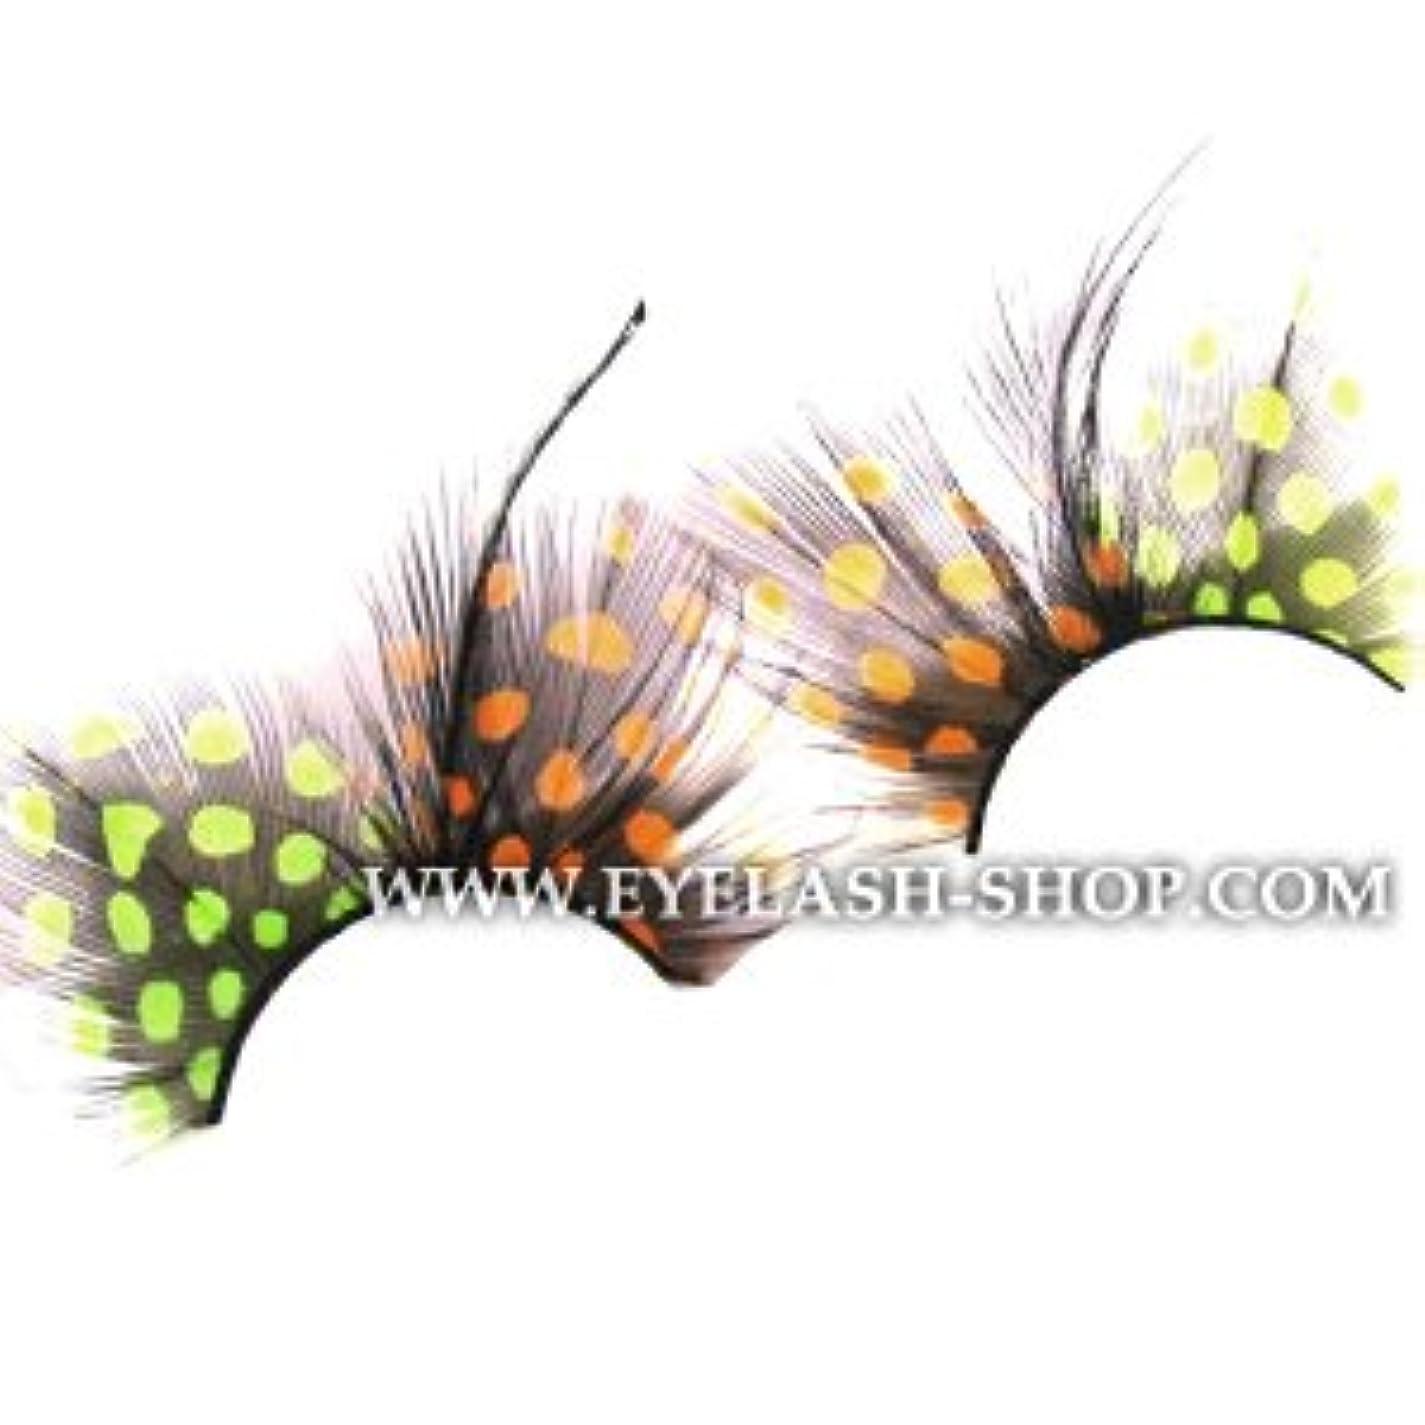 ズームインする腸天国つけまつげ セット 羽 ナチュラル つけま 部分 まつげ 羽まつげ 羽根つけま カラー デザイン フェザー 激安 アイラッシュ ETY-121